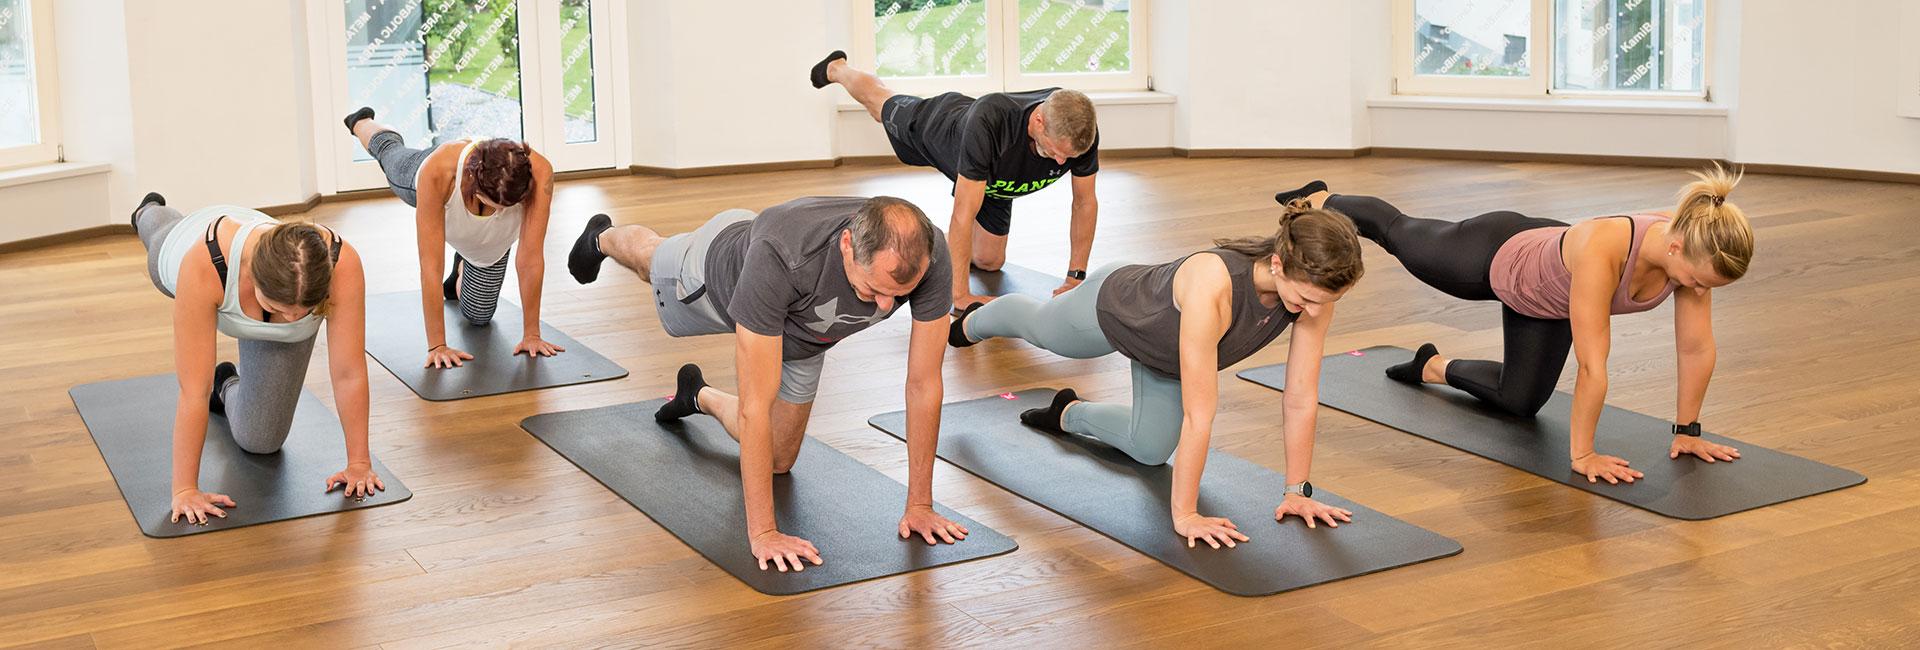 pilates-tiefenmuskulatur-vibes-graz